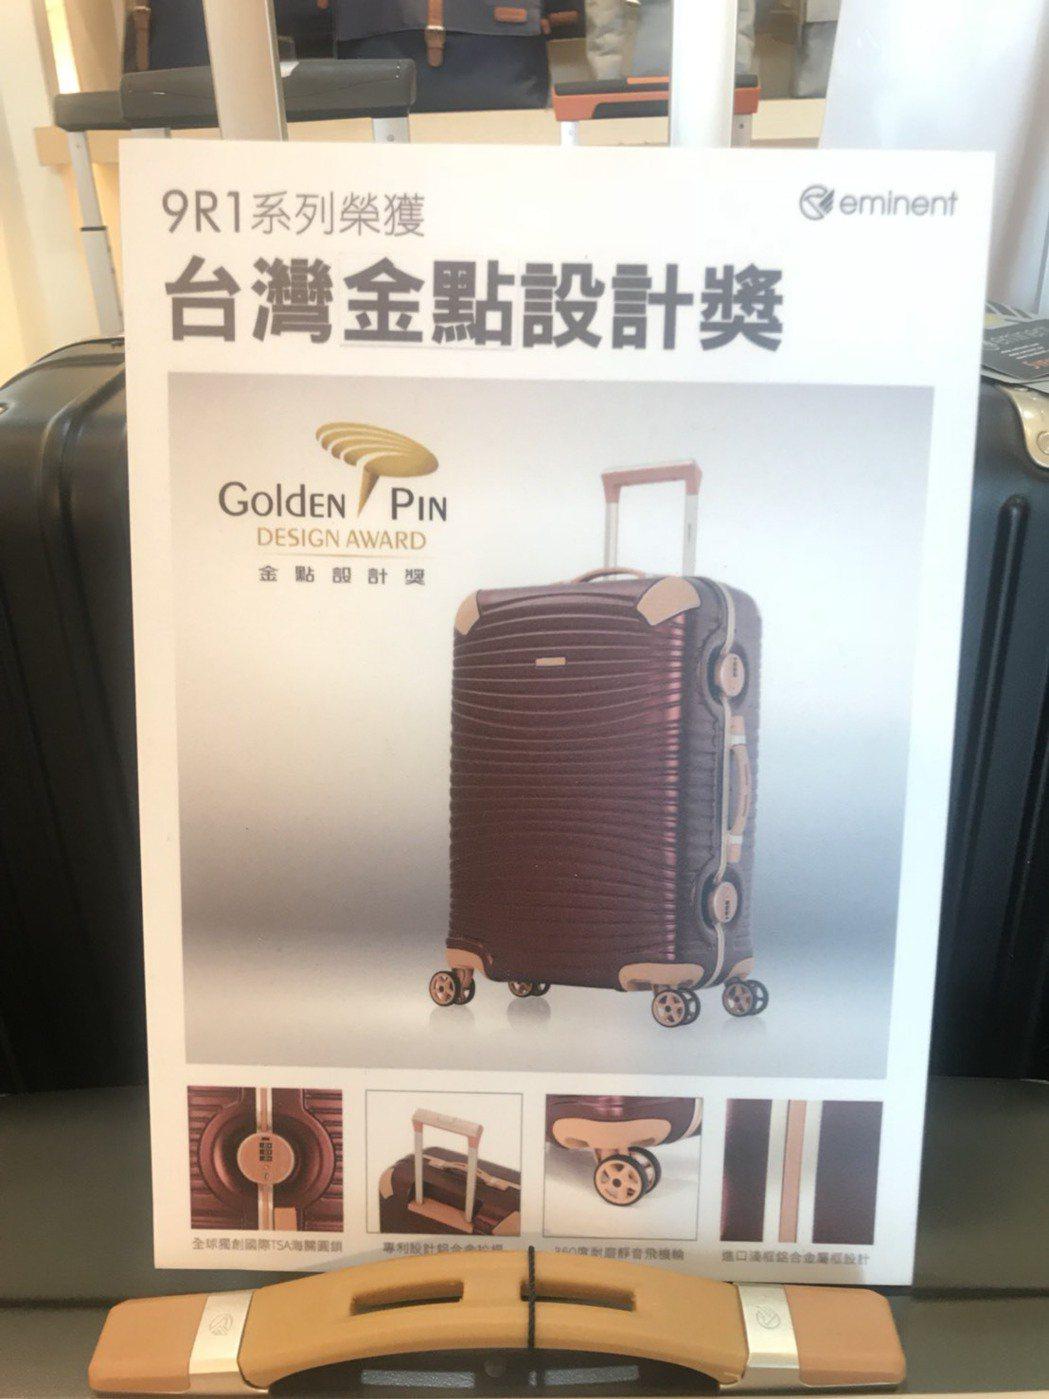 「9R1賈斯特」獲金點設計獎(Golden Pin Design Award)。...